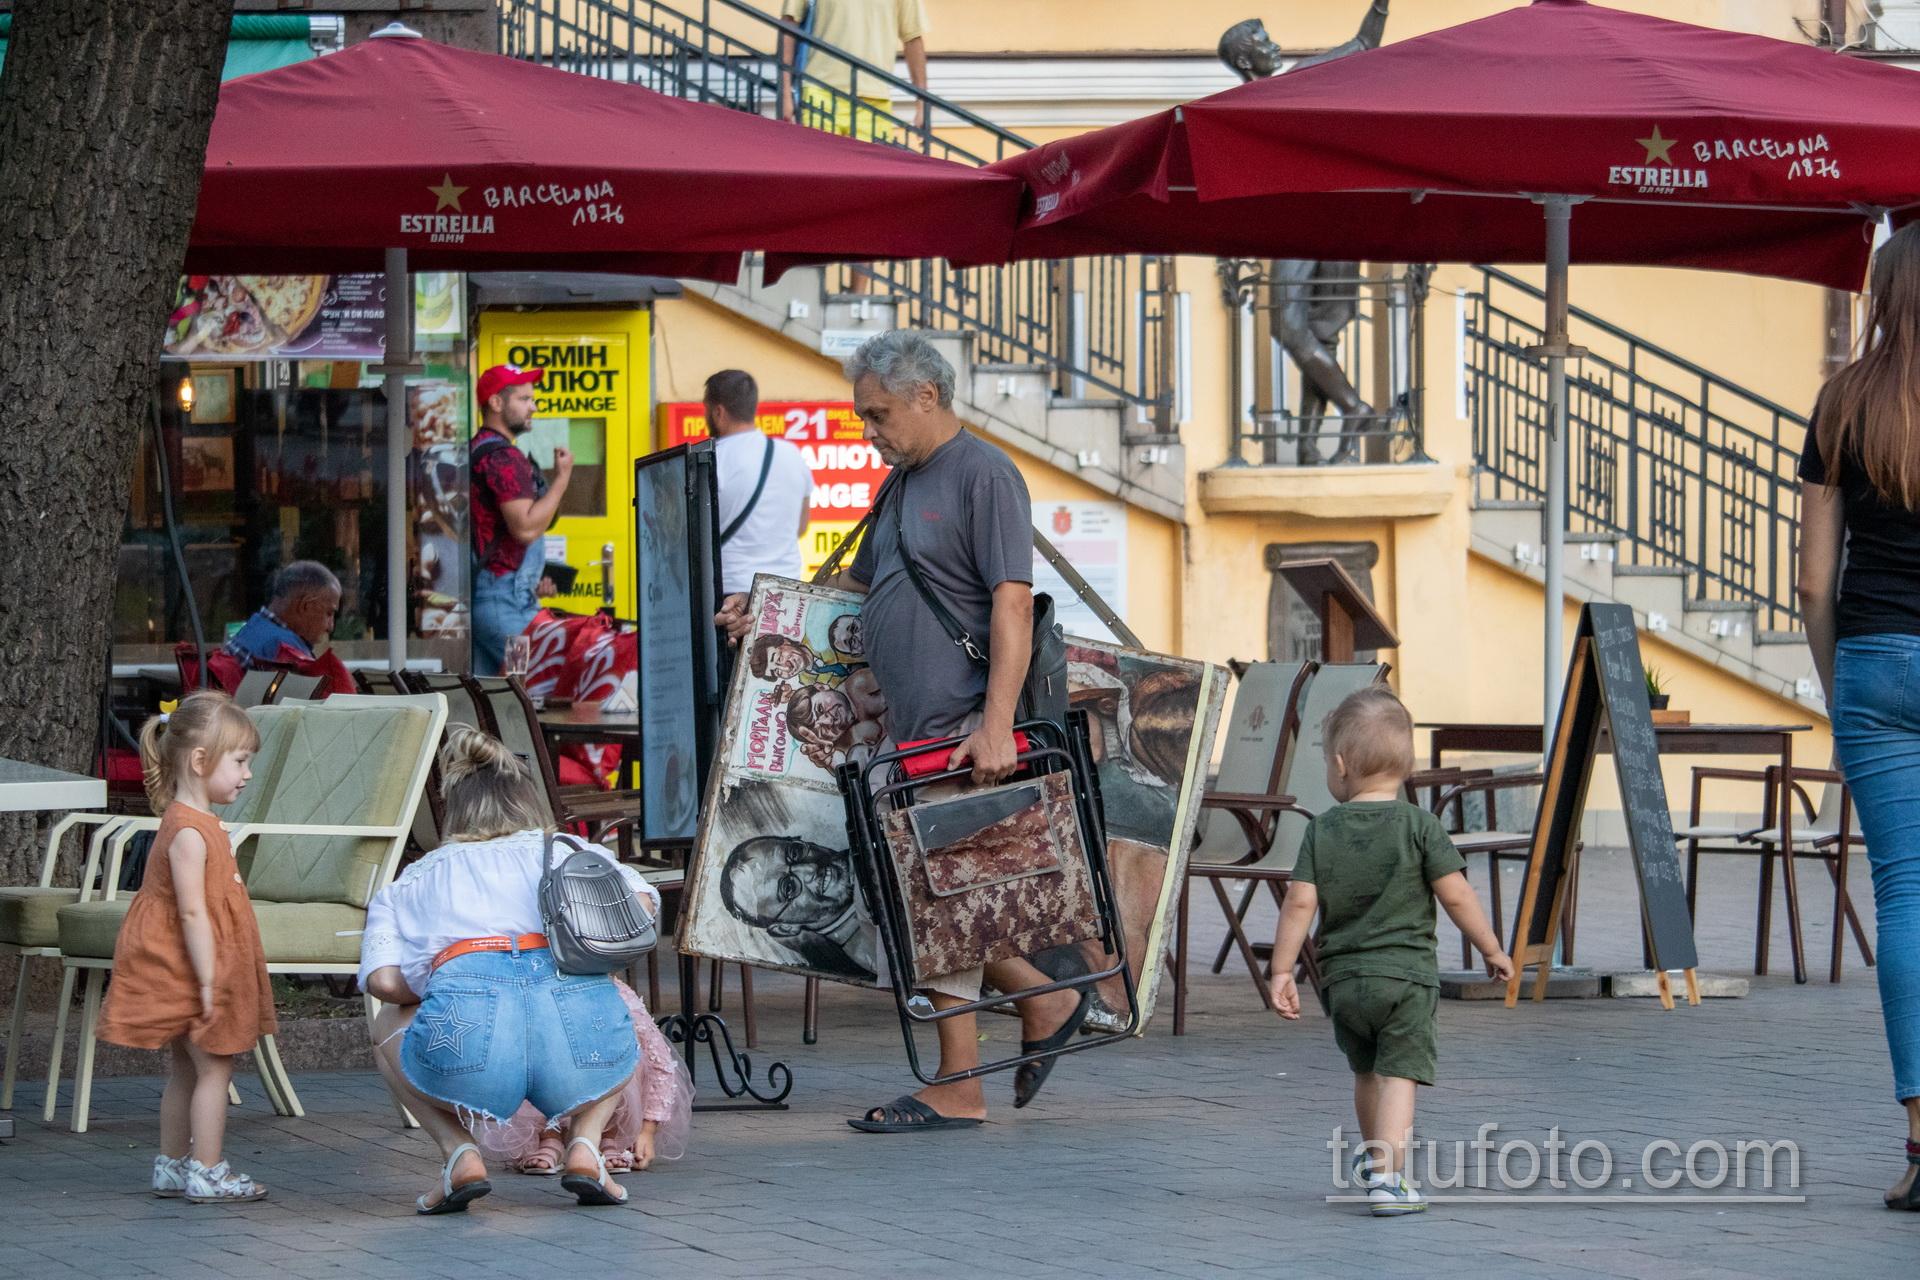 Фото уличного художника который несет картины и стул – Уличная татуировка 14.09.2020 – tatufoto.com 2